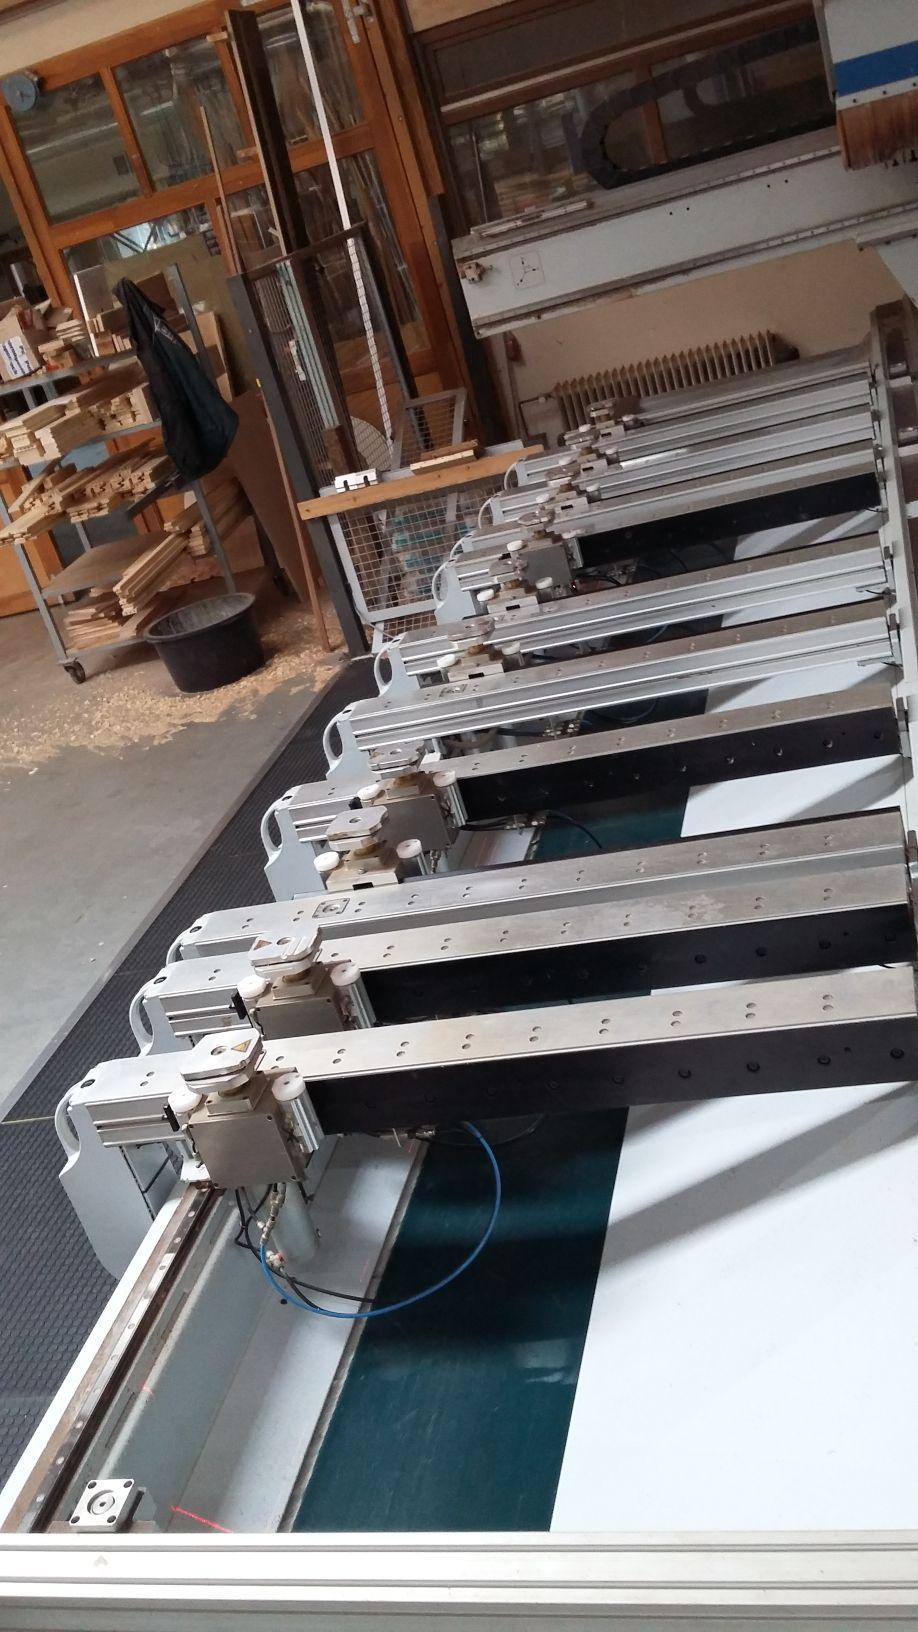 cnc bearbeitungszentrum f r fenster und t ren homag bof 211 52 pm gebrauchte maschinen exapro. Black Bedroom Furniture Sets. Home Design Ideas